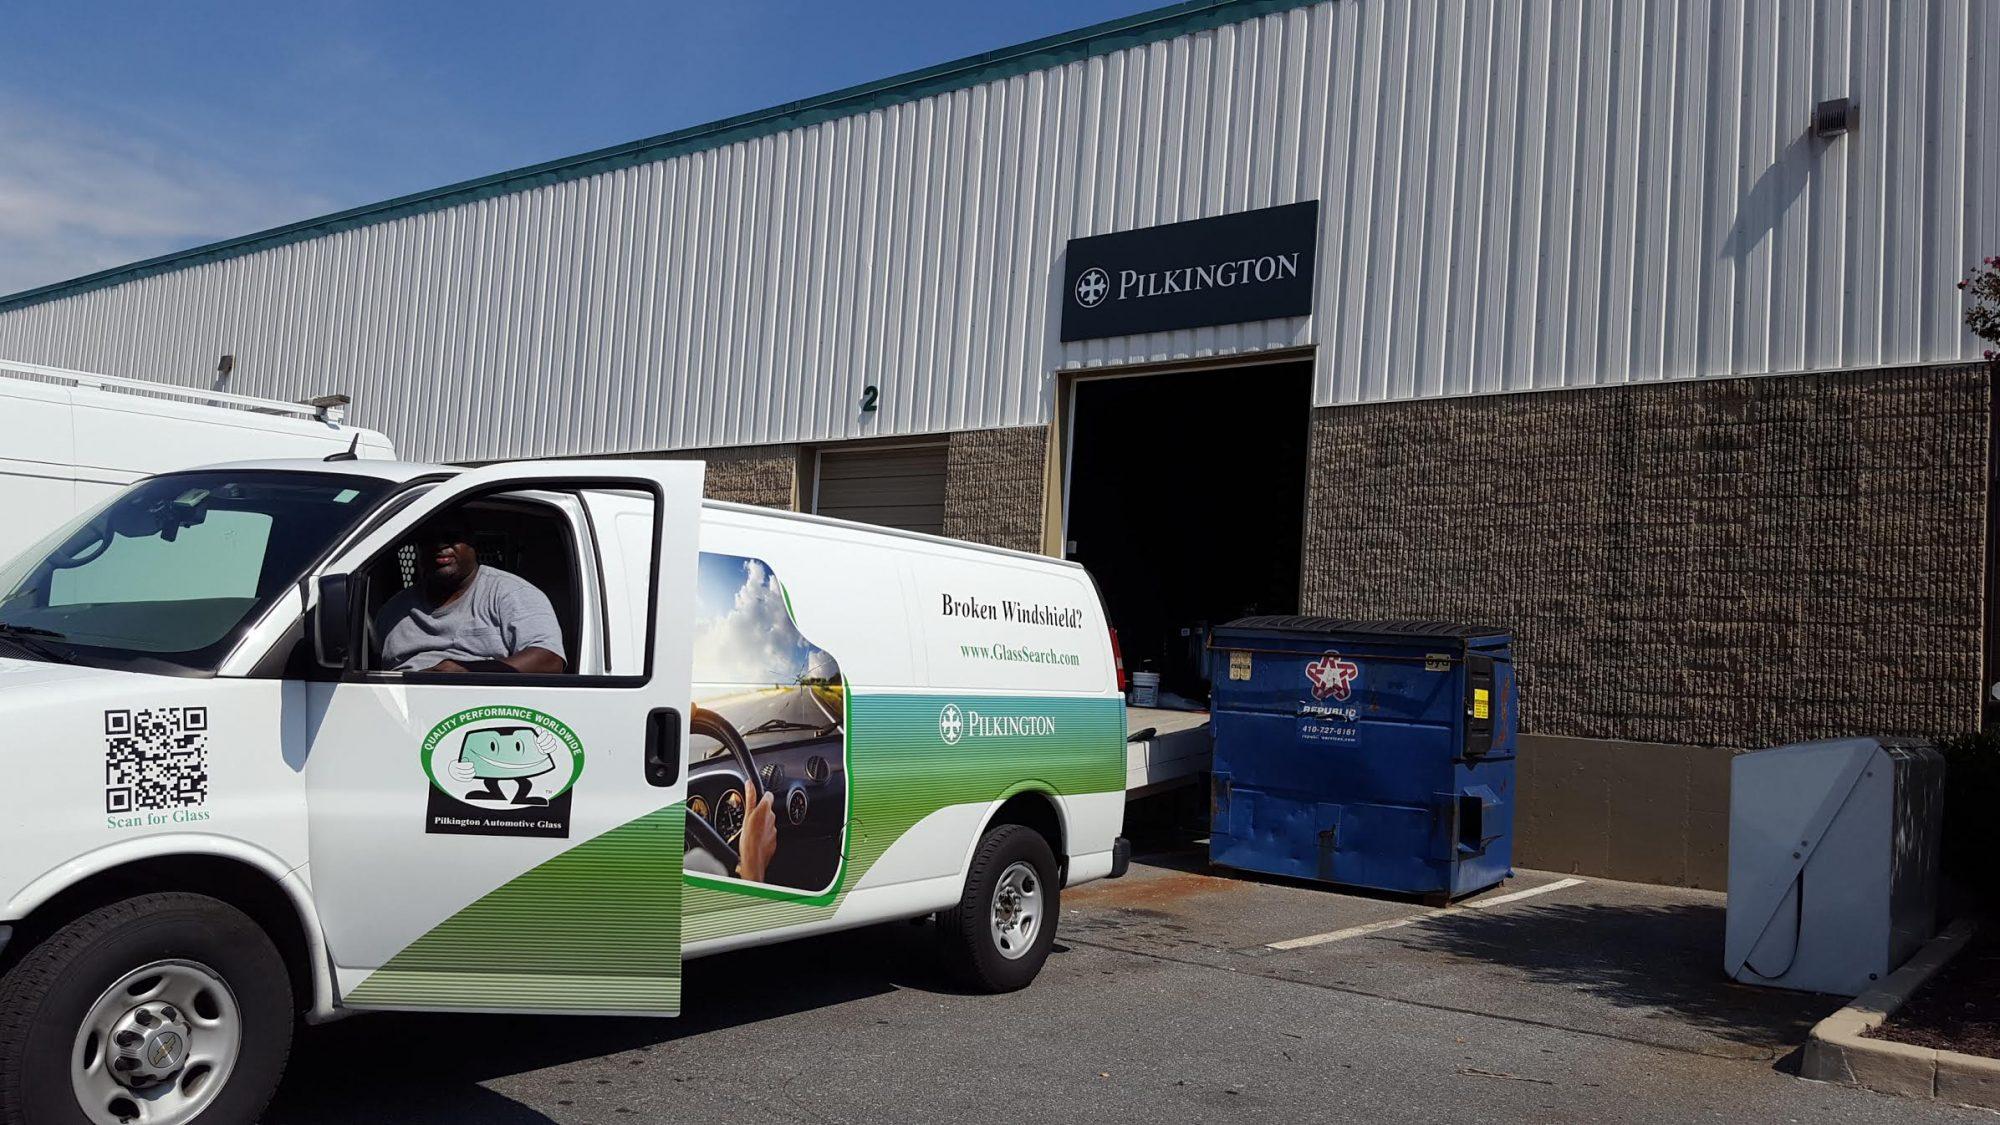 Summit Building Services, Inc. Provides Excellent Service for Pilkington Glass